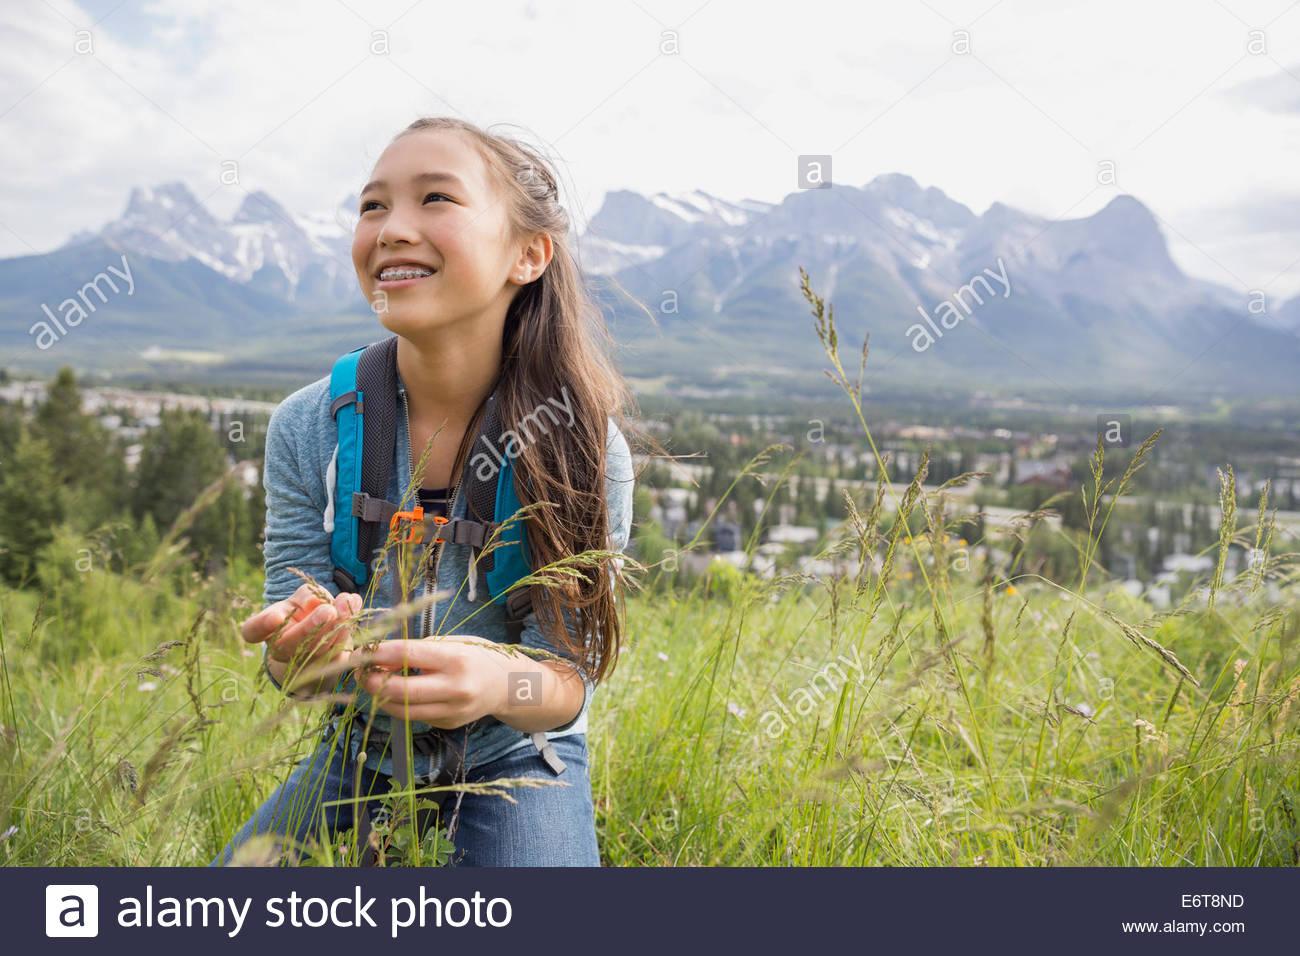 Ragazza esaminando le piante sulla collina rurale Immagini Stock